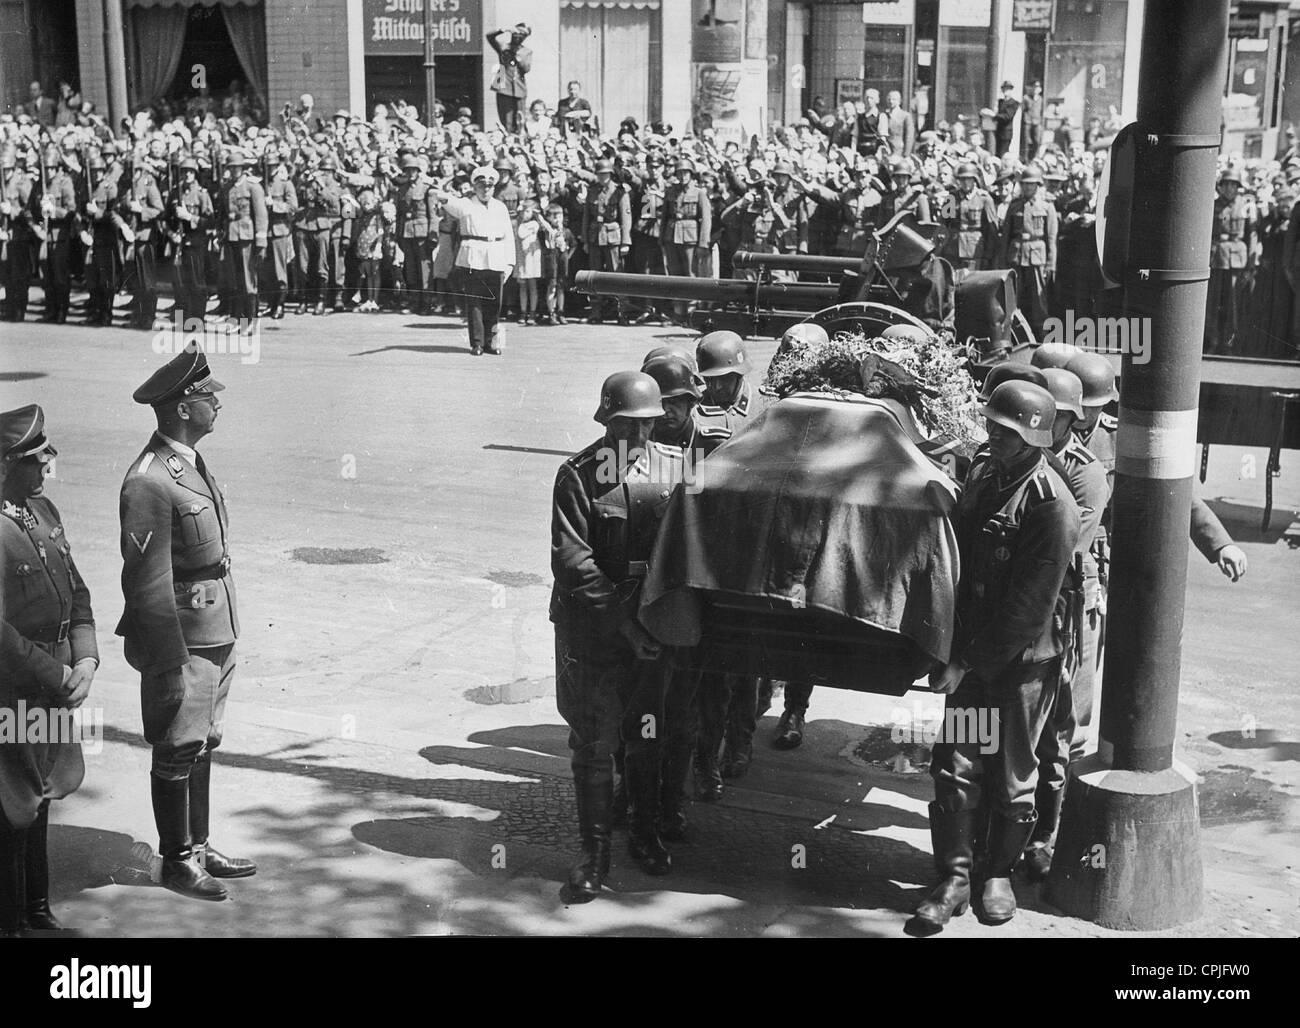 Heinrich Himmler and Sepp Dietrich at the coffin of Reinhard Heydrich in Berlin, 1942 - Stock Image